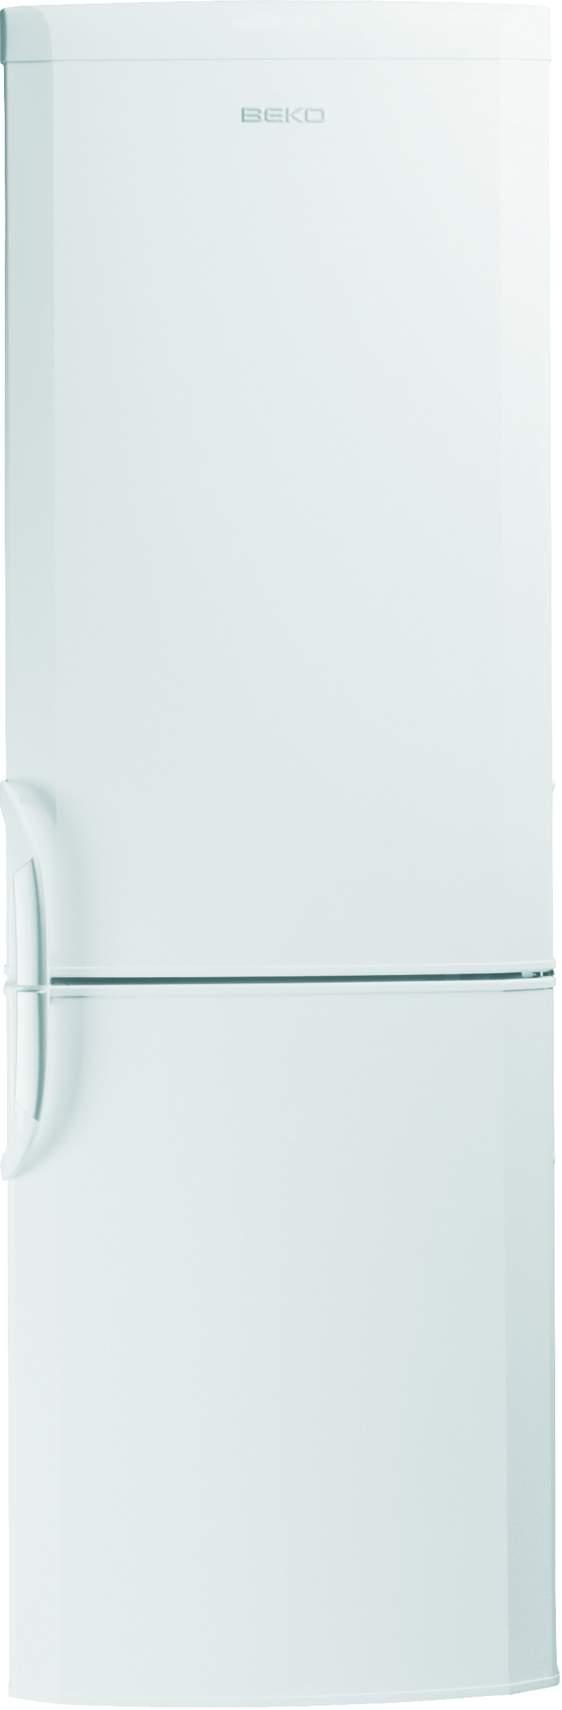 холодильник beko 335220 инструкция